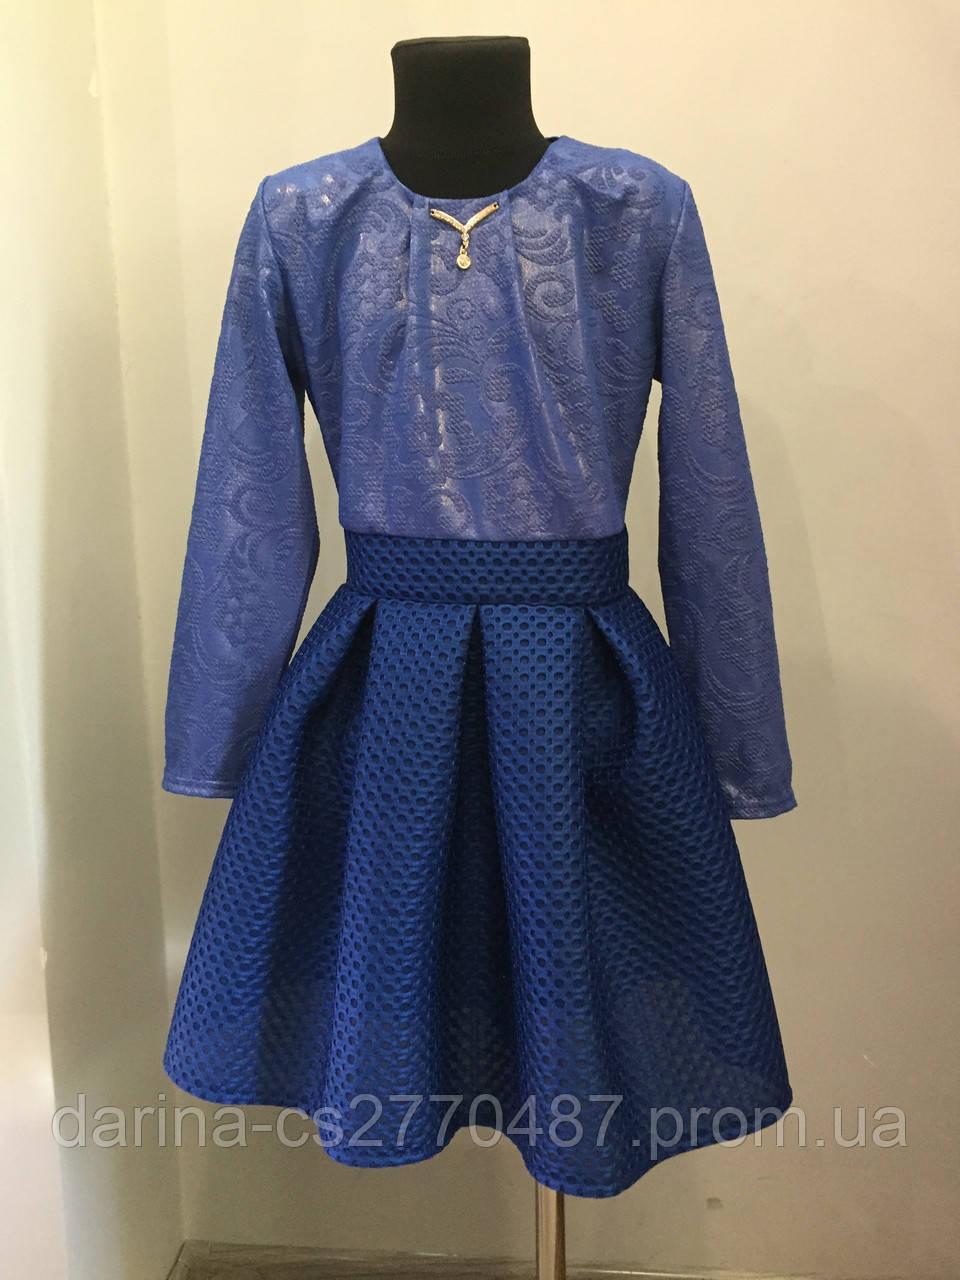 Платье для девочки подростка 140 см